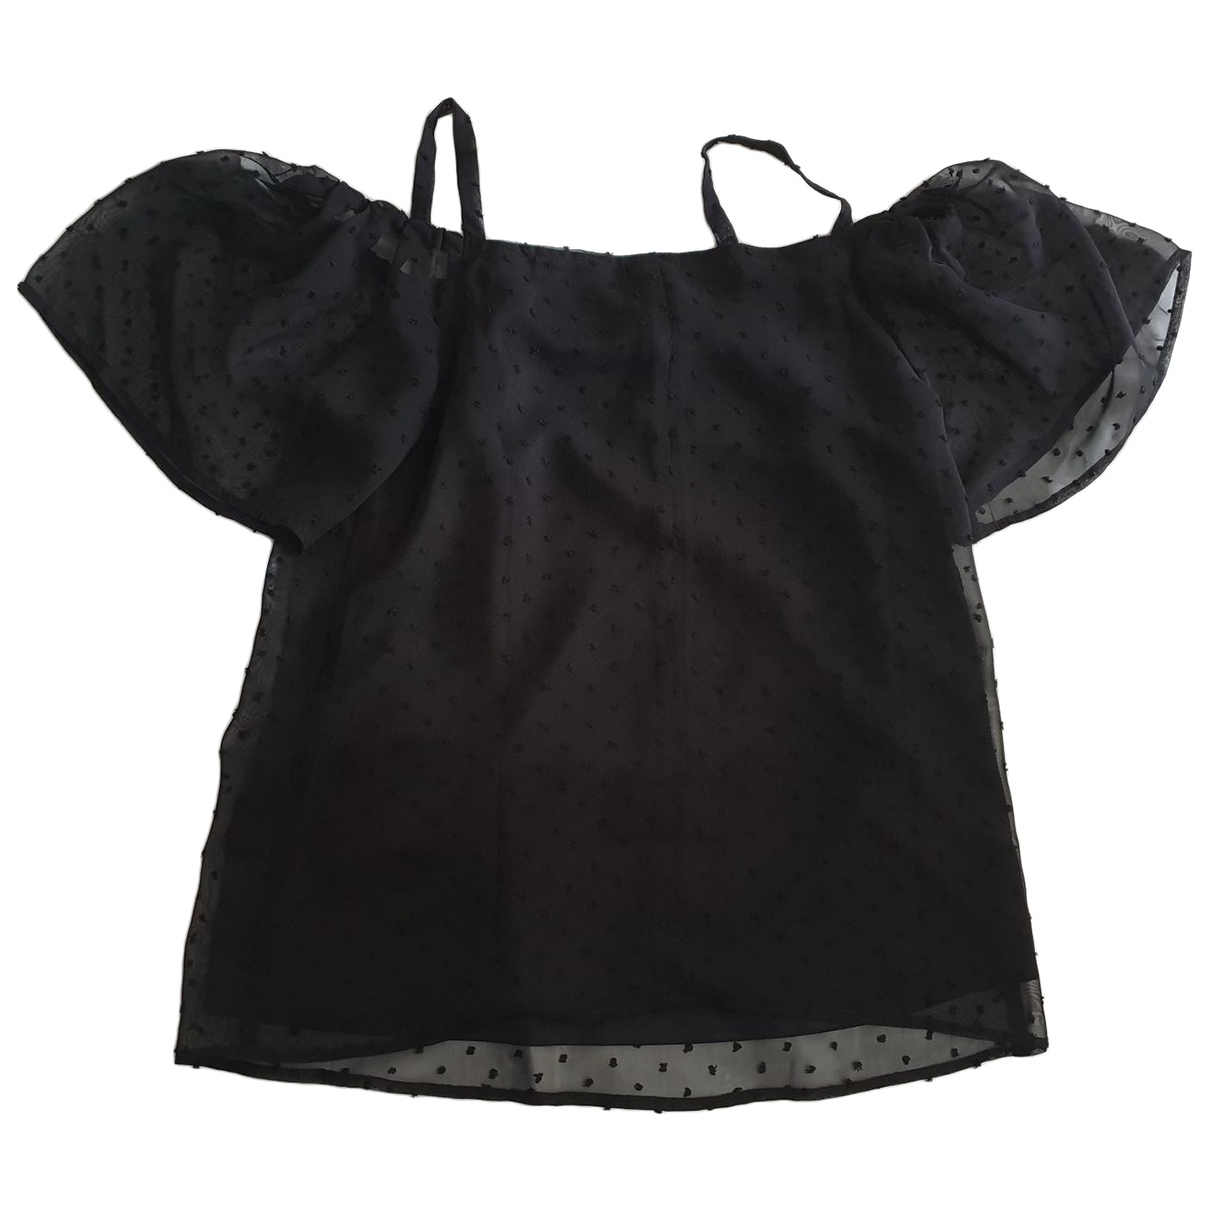 Marella - Top   pour femme - noir